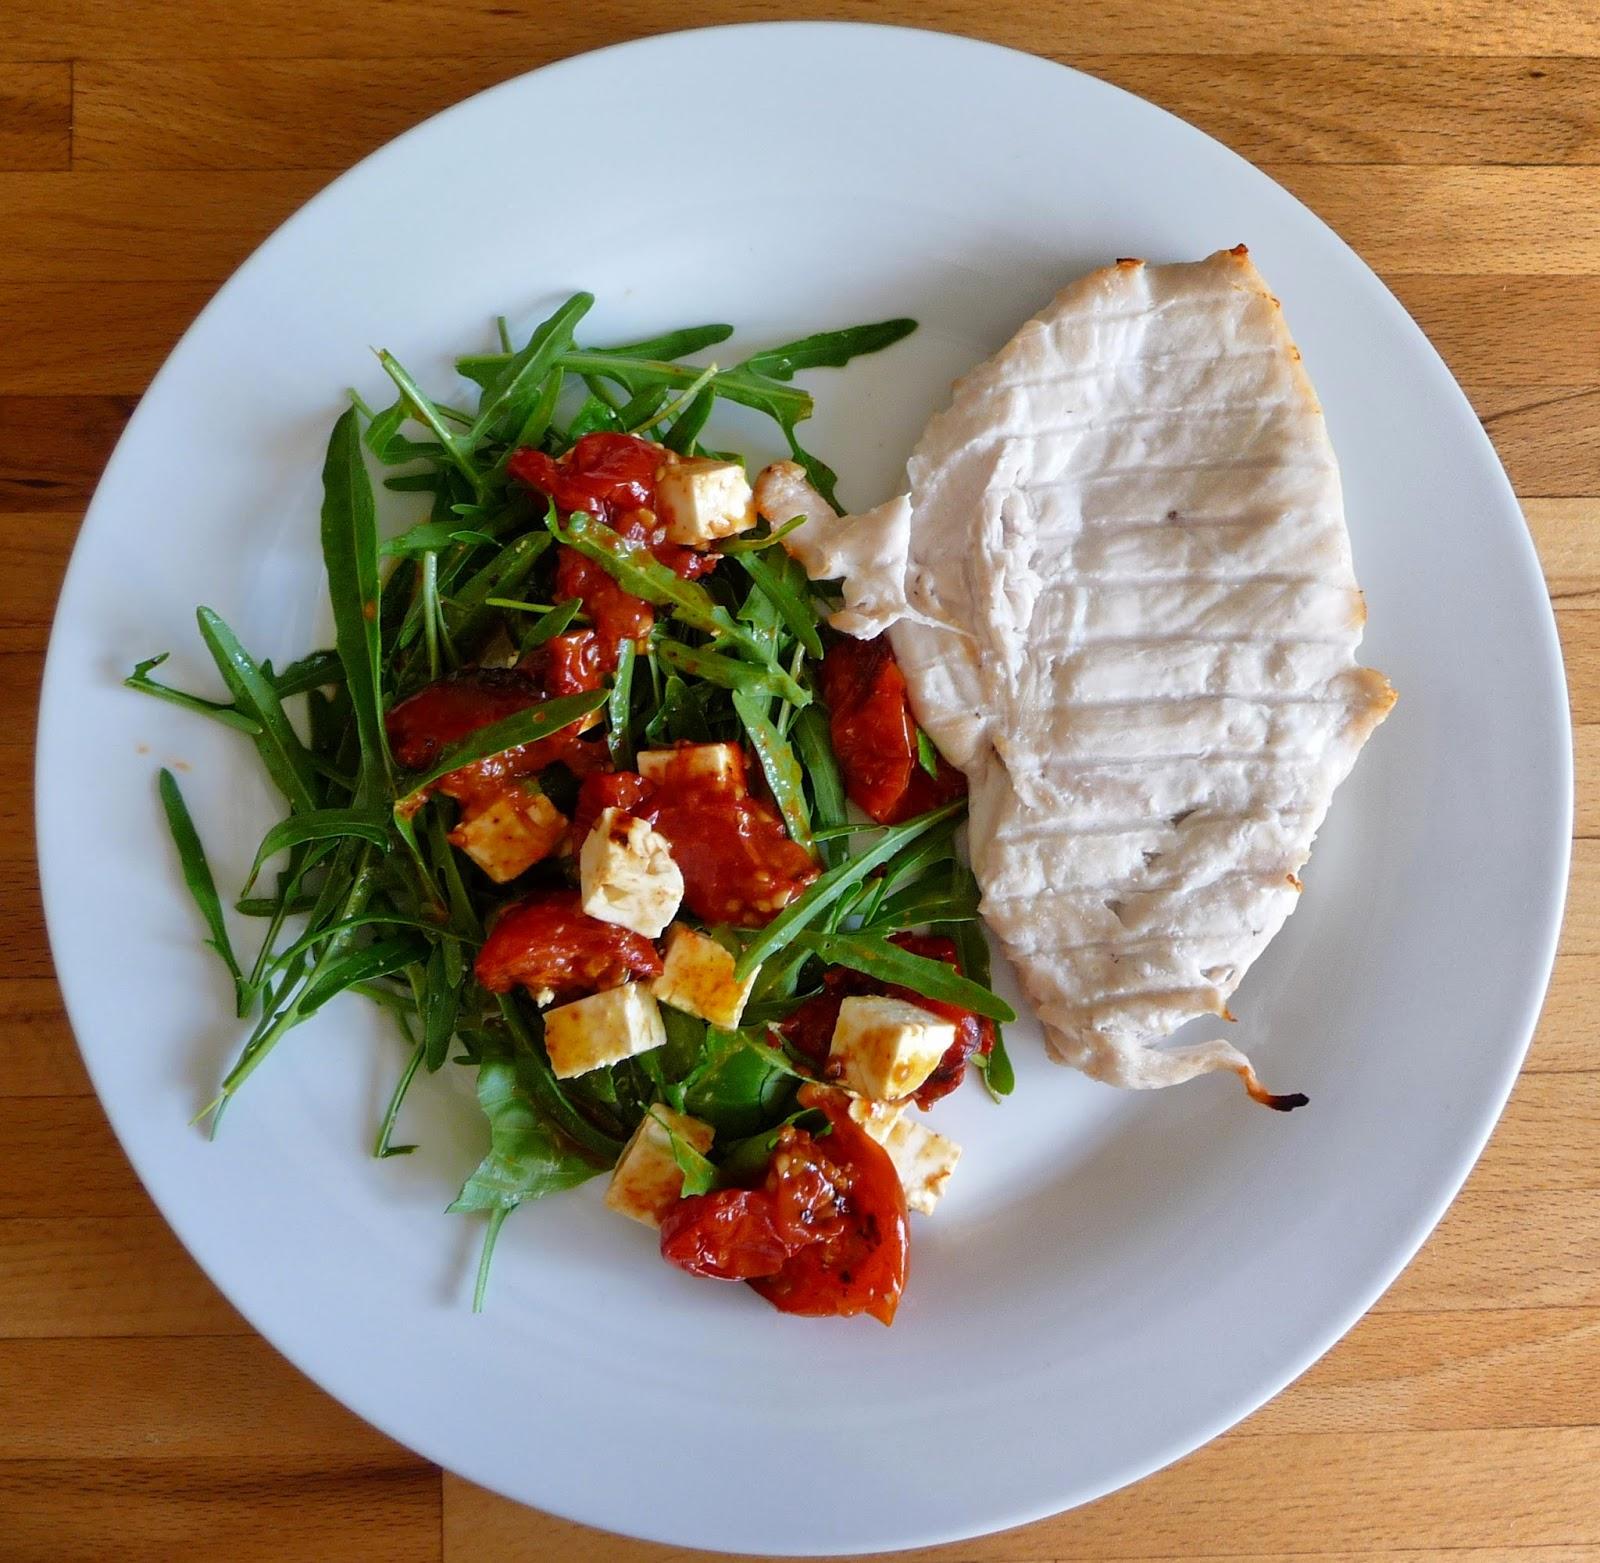 Lancashire Food: Rocket, roasted tomato, basil and feta salad